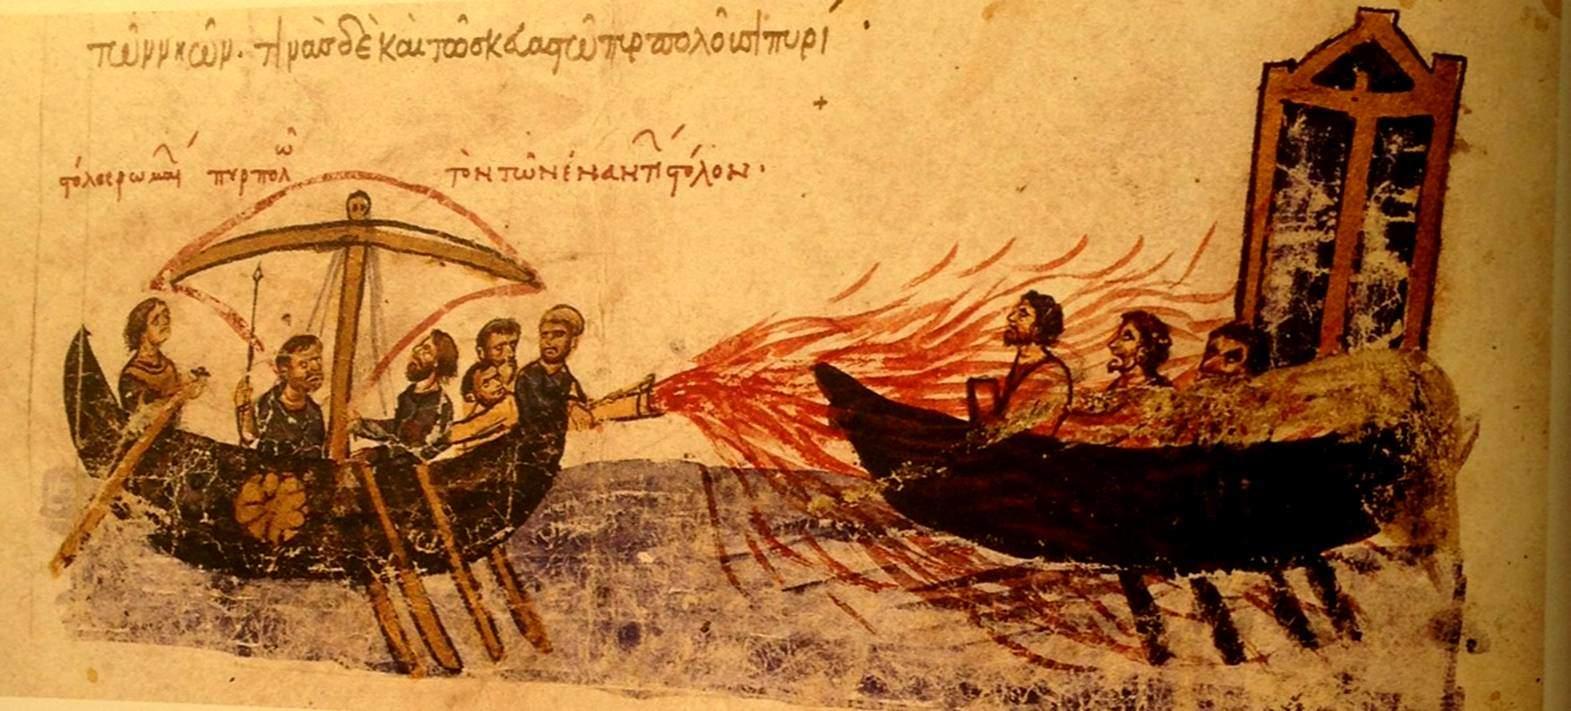 Madrid Ulusal Kitaplık'ta bulunan Skilitzes Yazması'ndan bir minyatür, Grek Ateşi. Fotoğraf: Bizantion'dan İstanbul'a Bir Başkentin 8000 Yılı, Sabancı Üniversitesi, Sakıp Sabancı Müzesi, 2010.